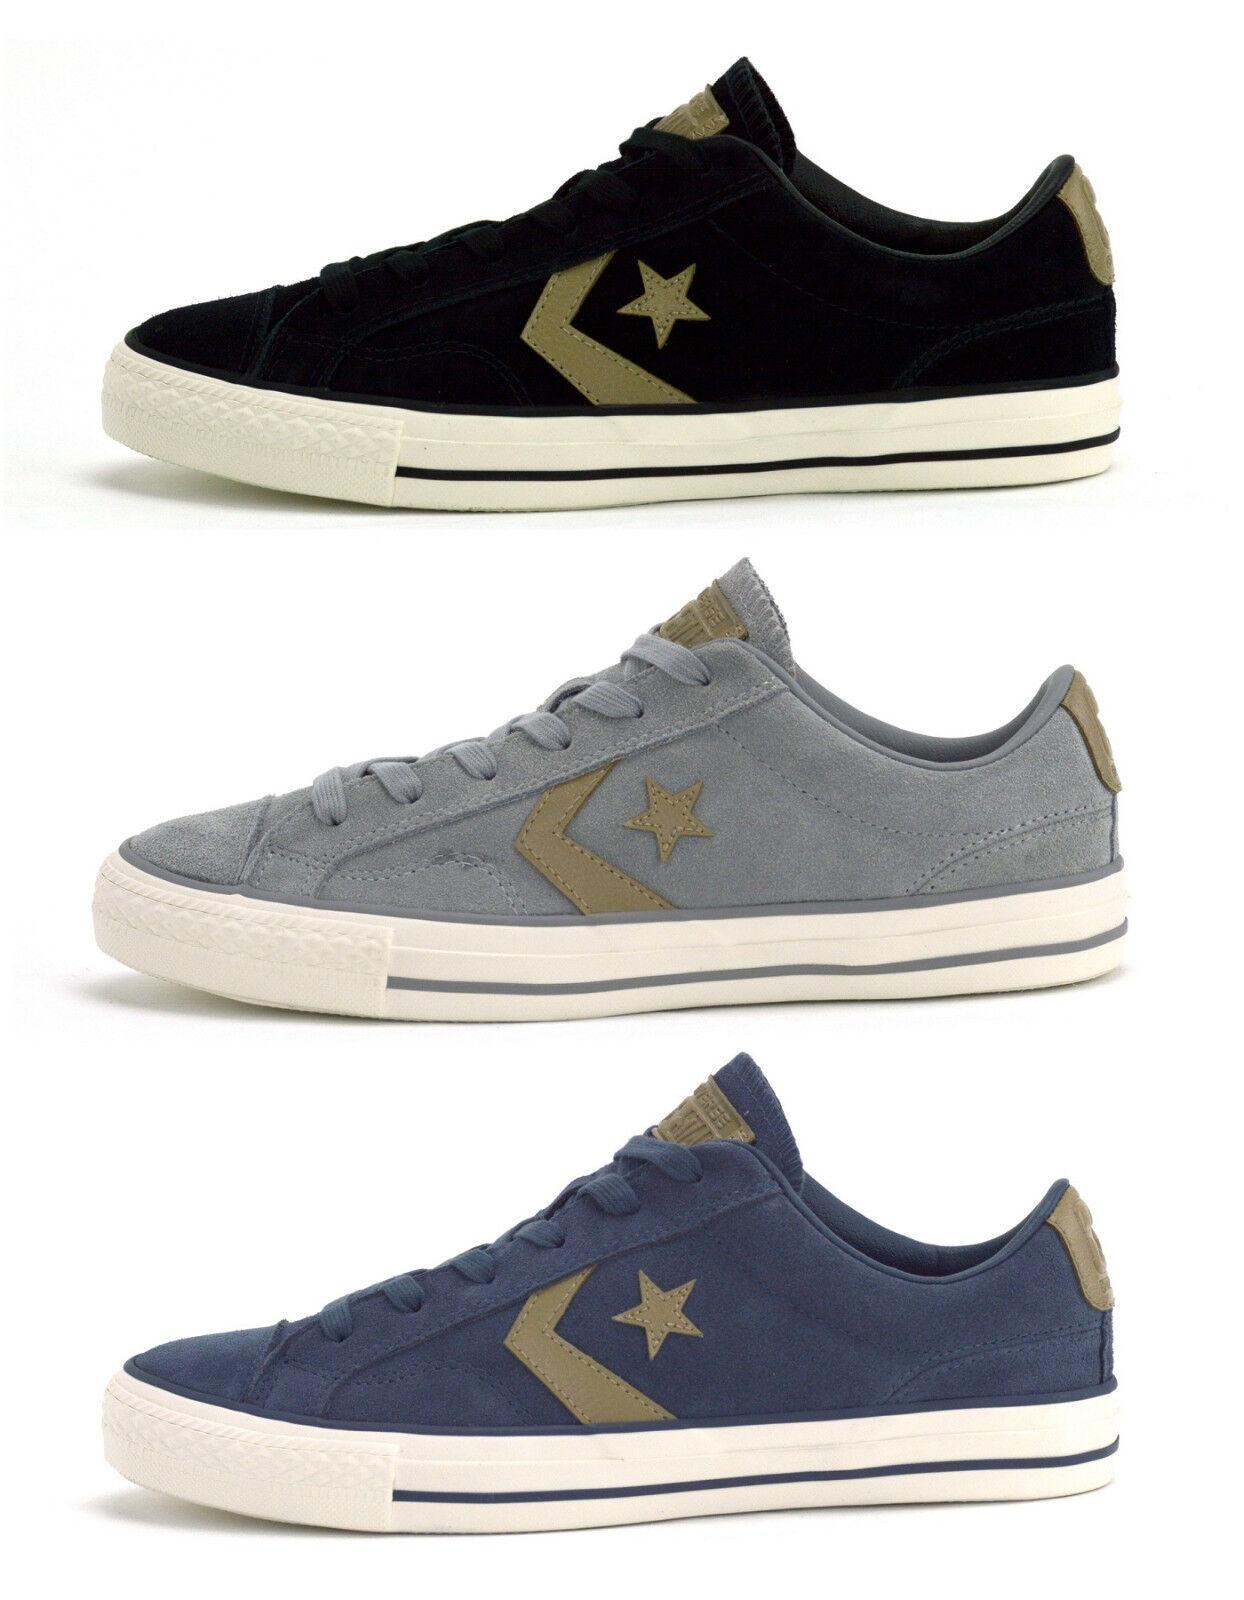 Converse STAR PLAYER OX Sneaker Scarpe Uomo Donna nero 160581c